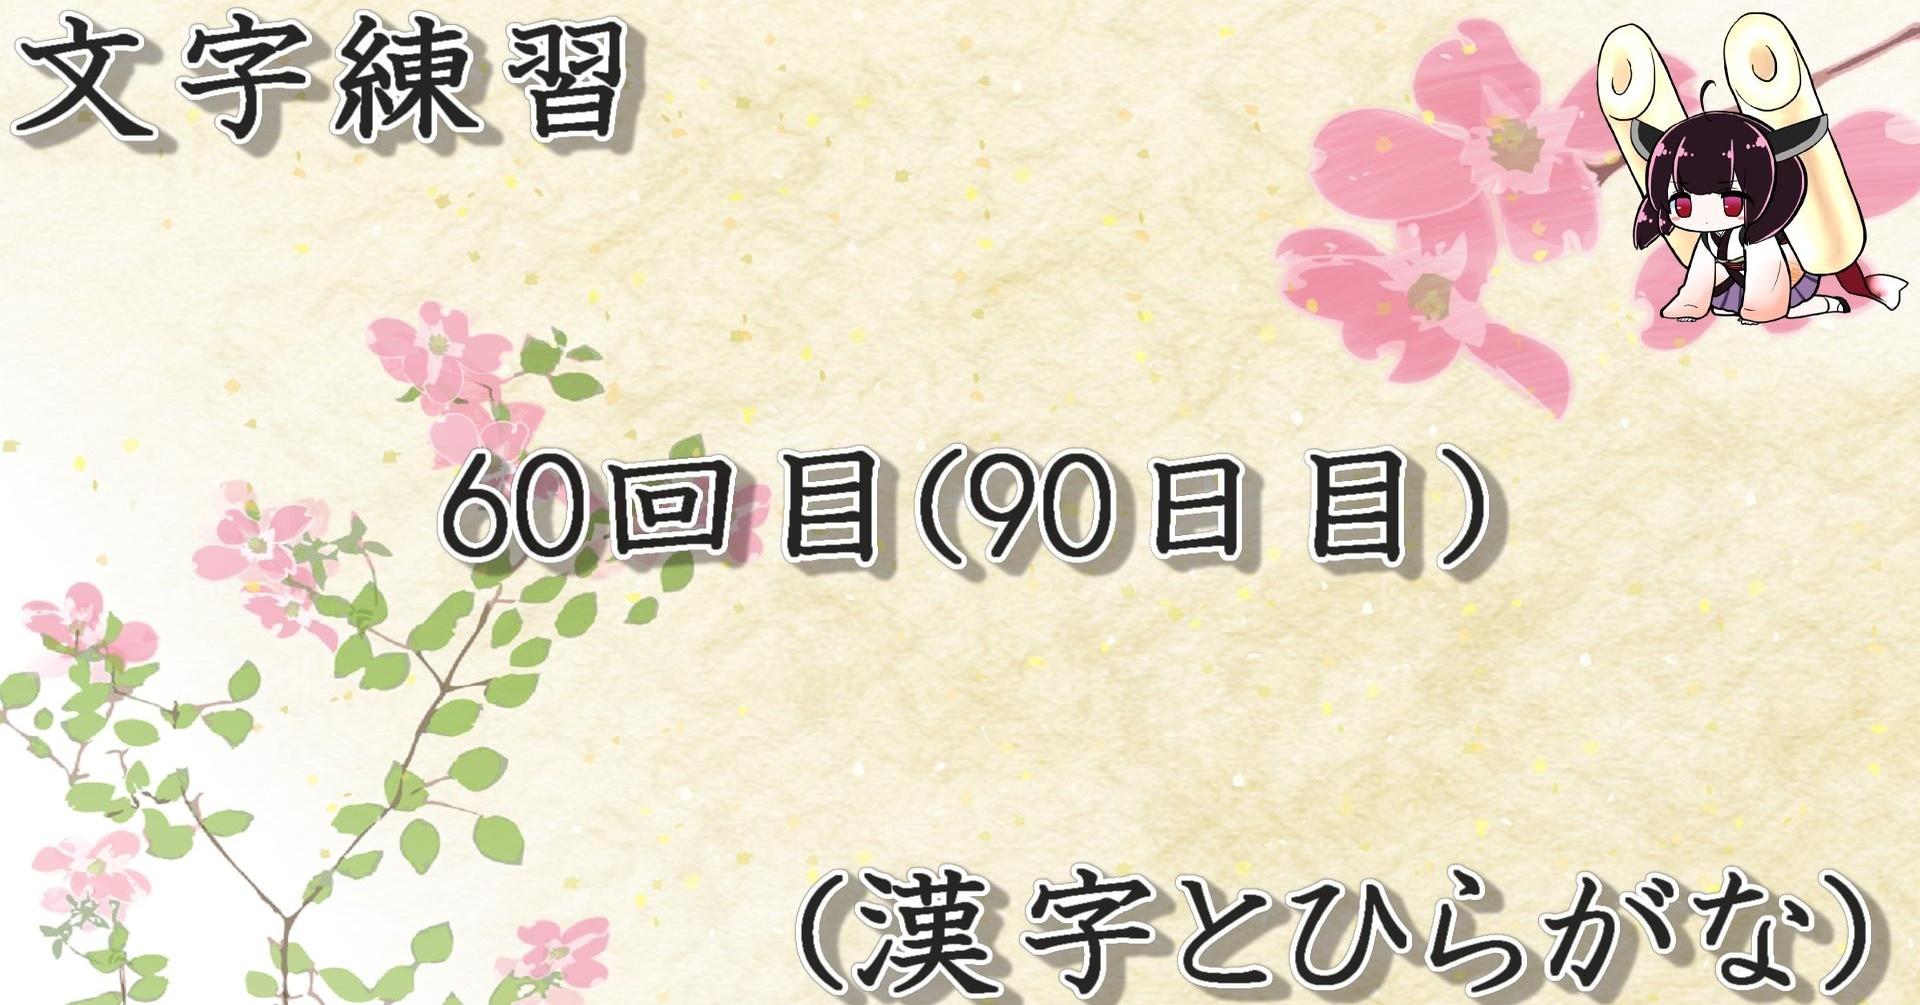 文字練習60回目(90日目)